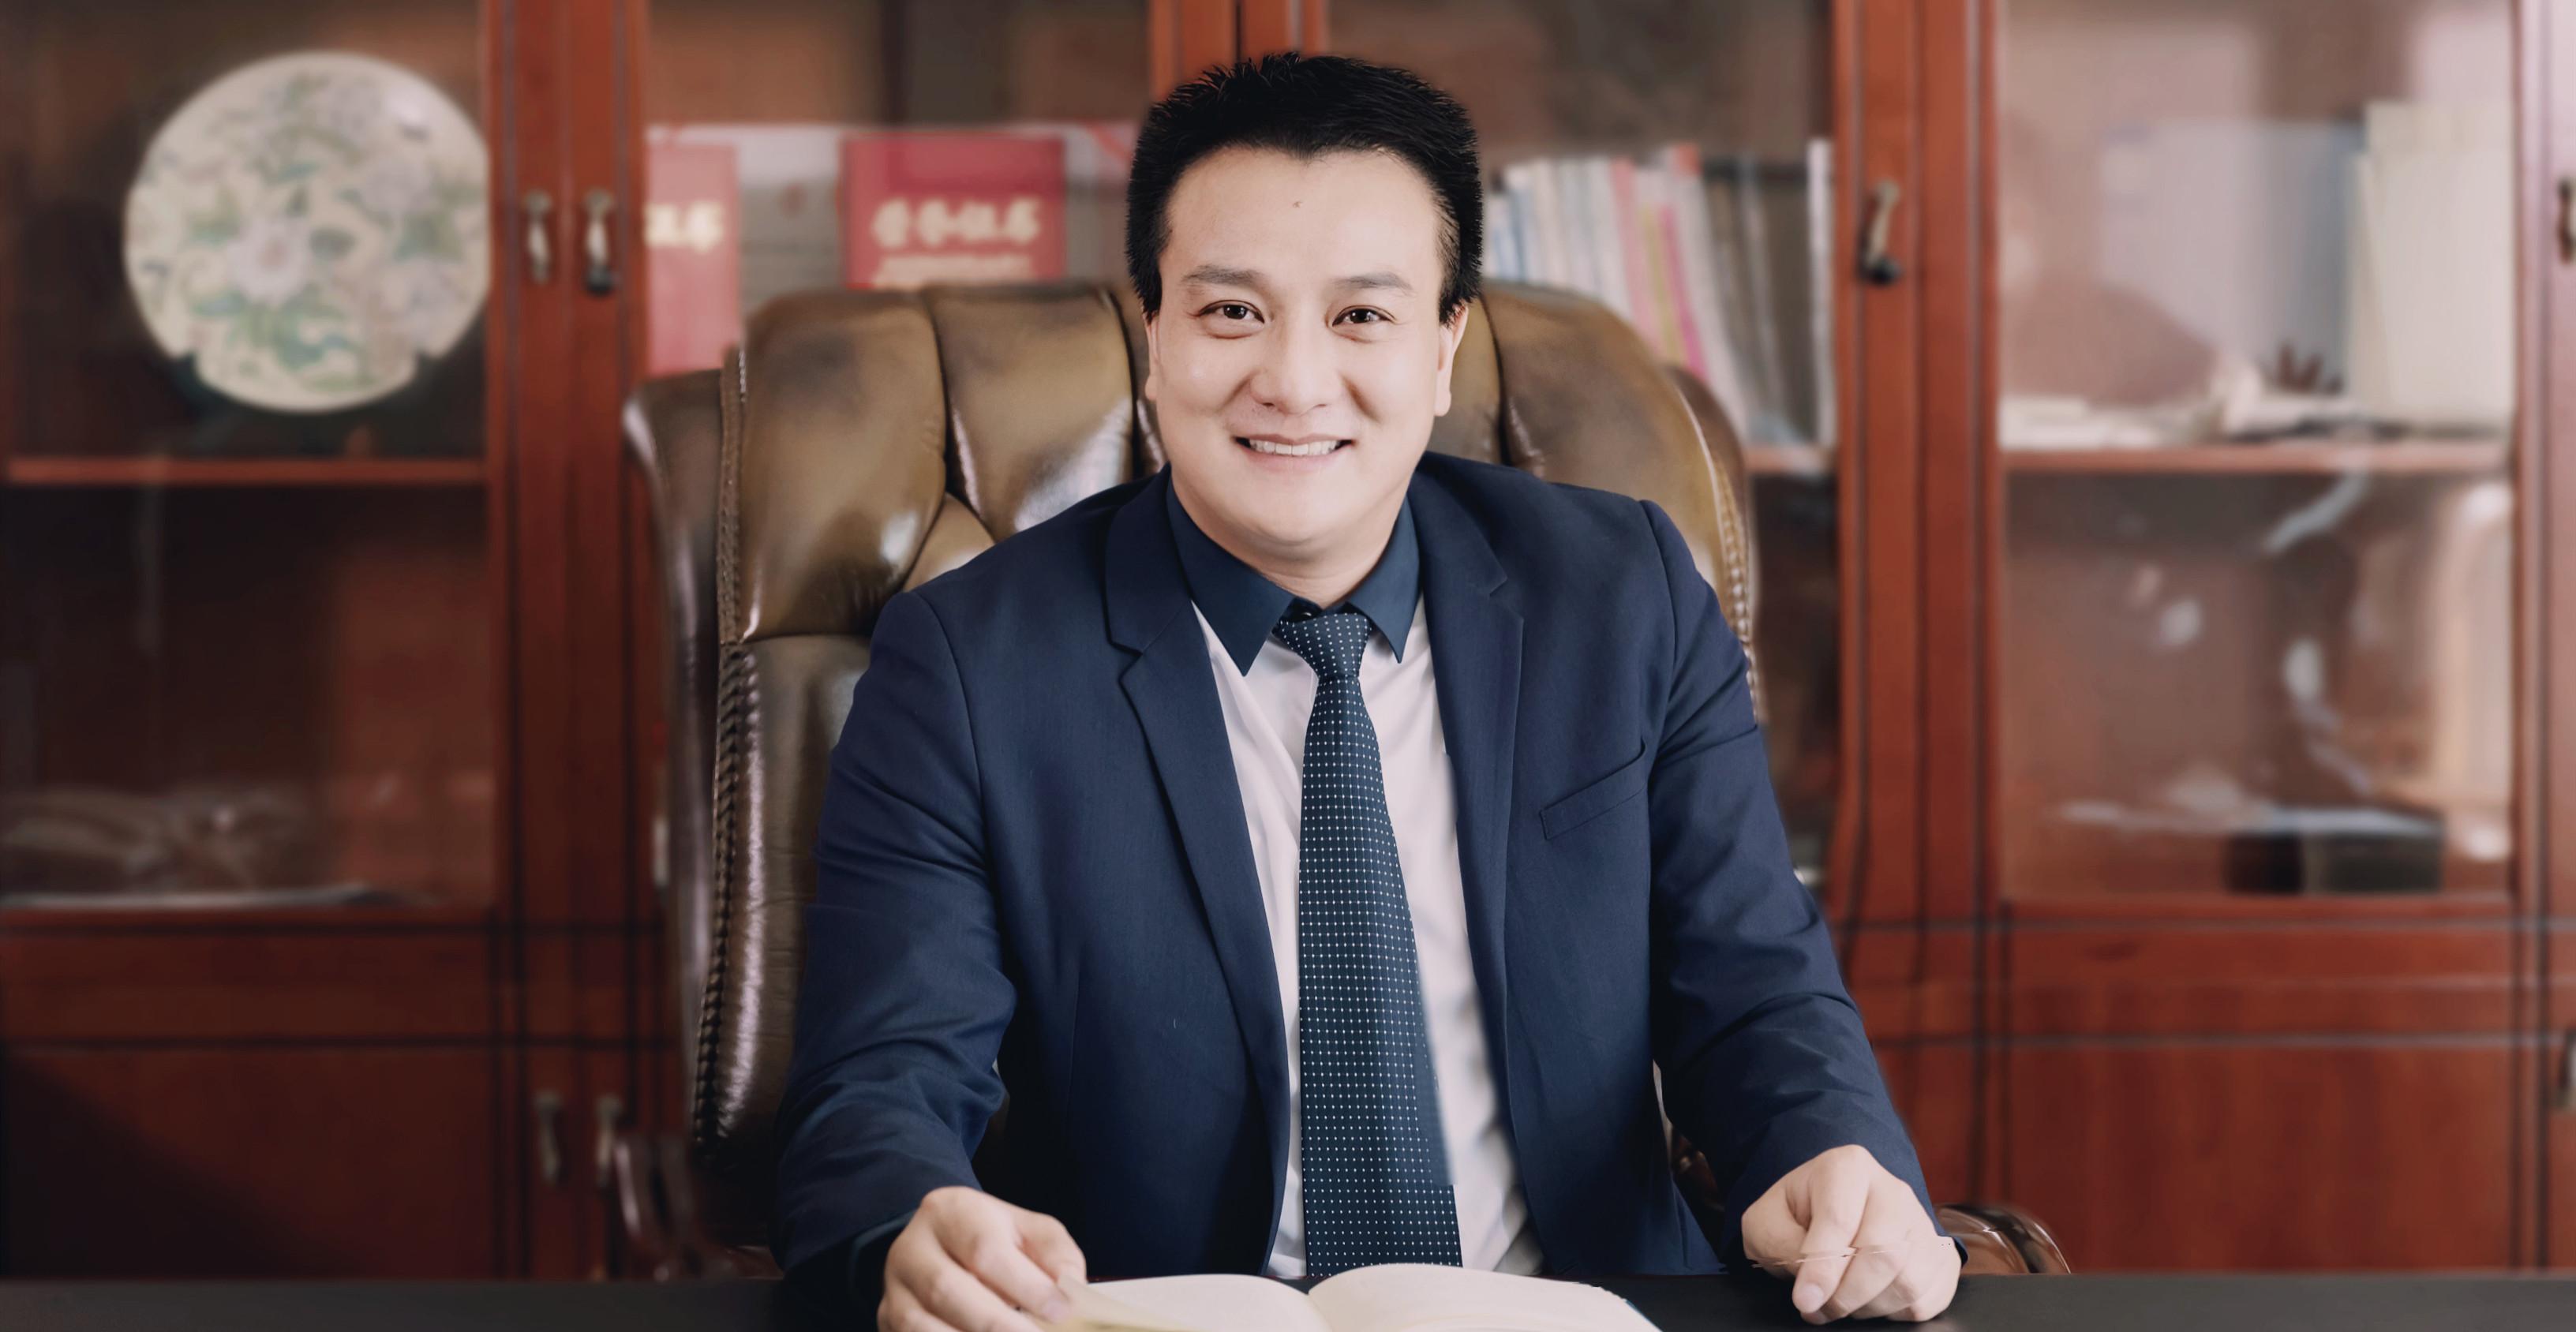 大家丨维也纳上海总部常开创:中国酒店企业如何在全球化发展中崛起?